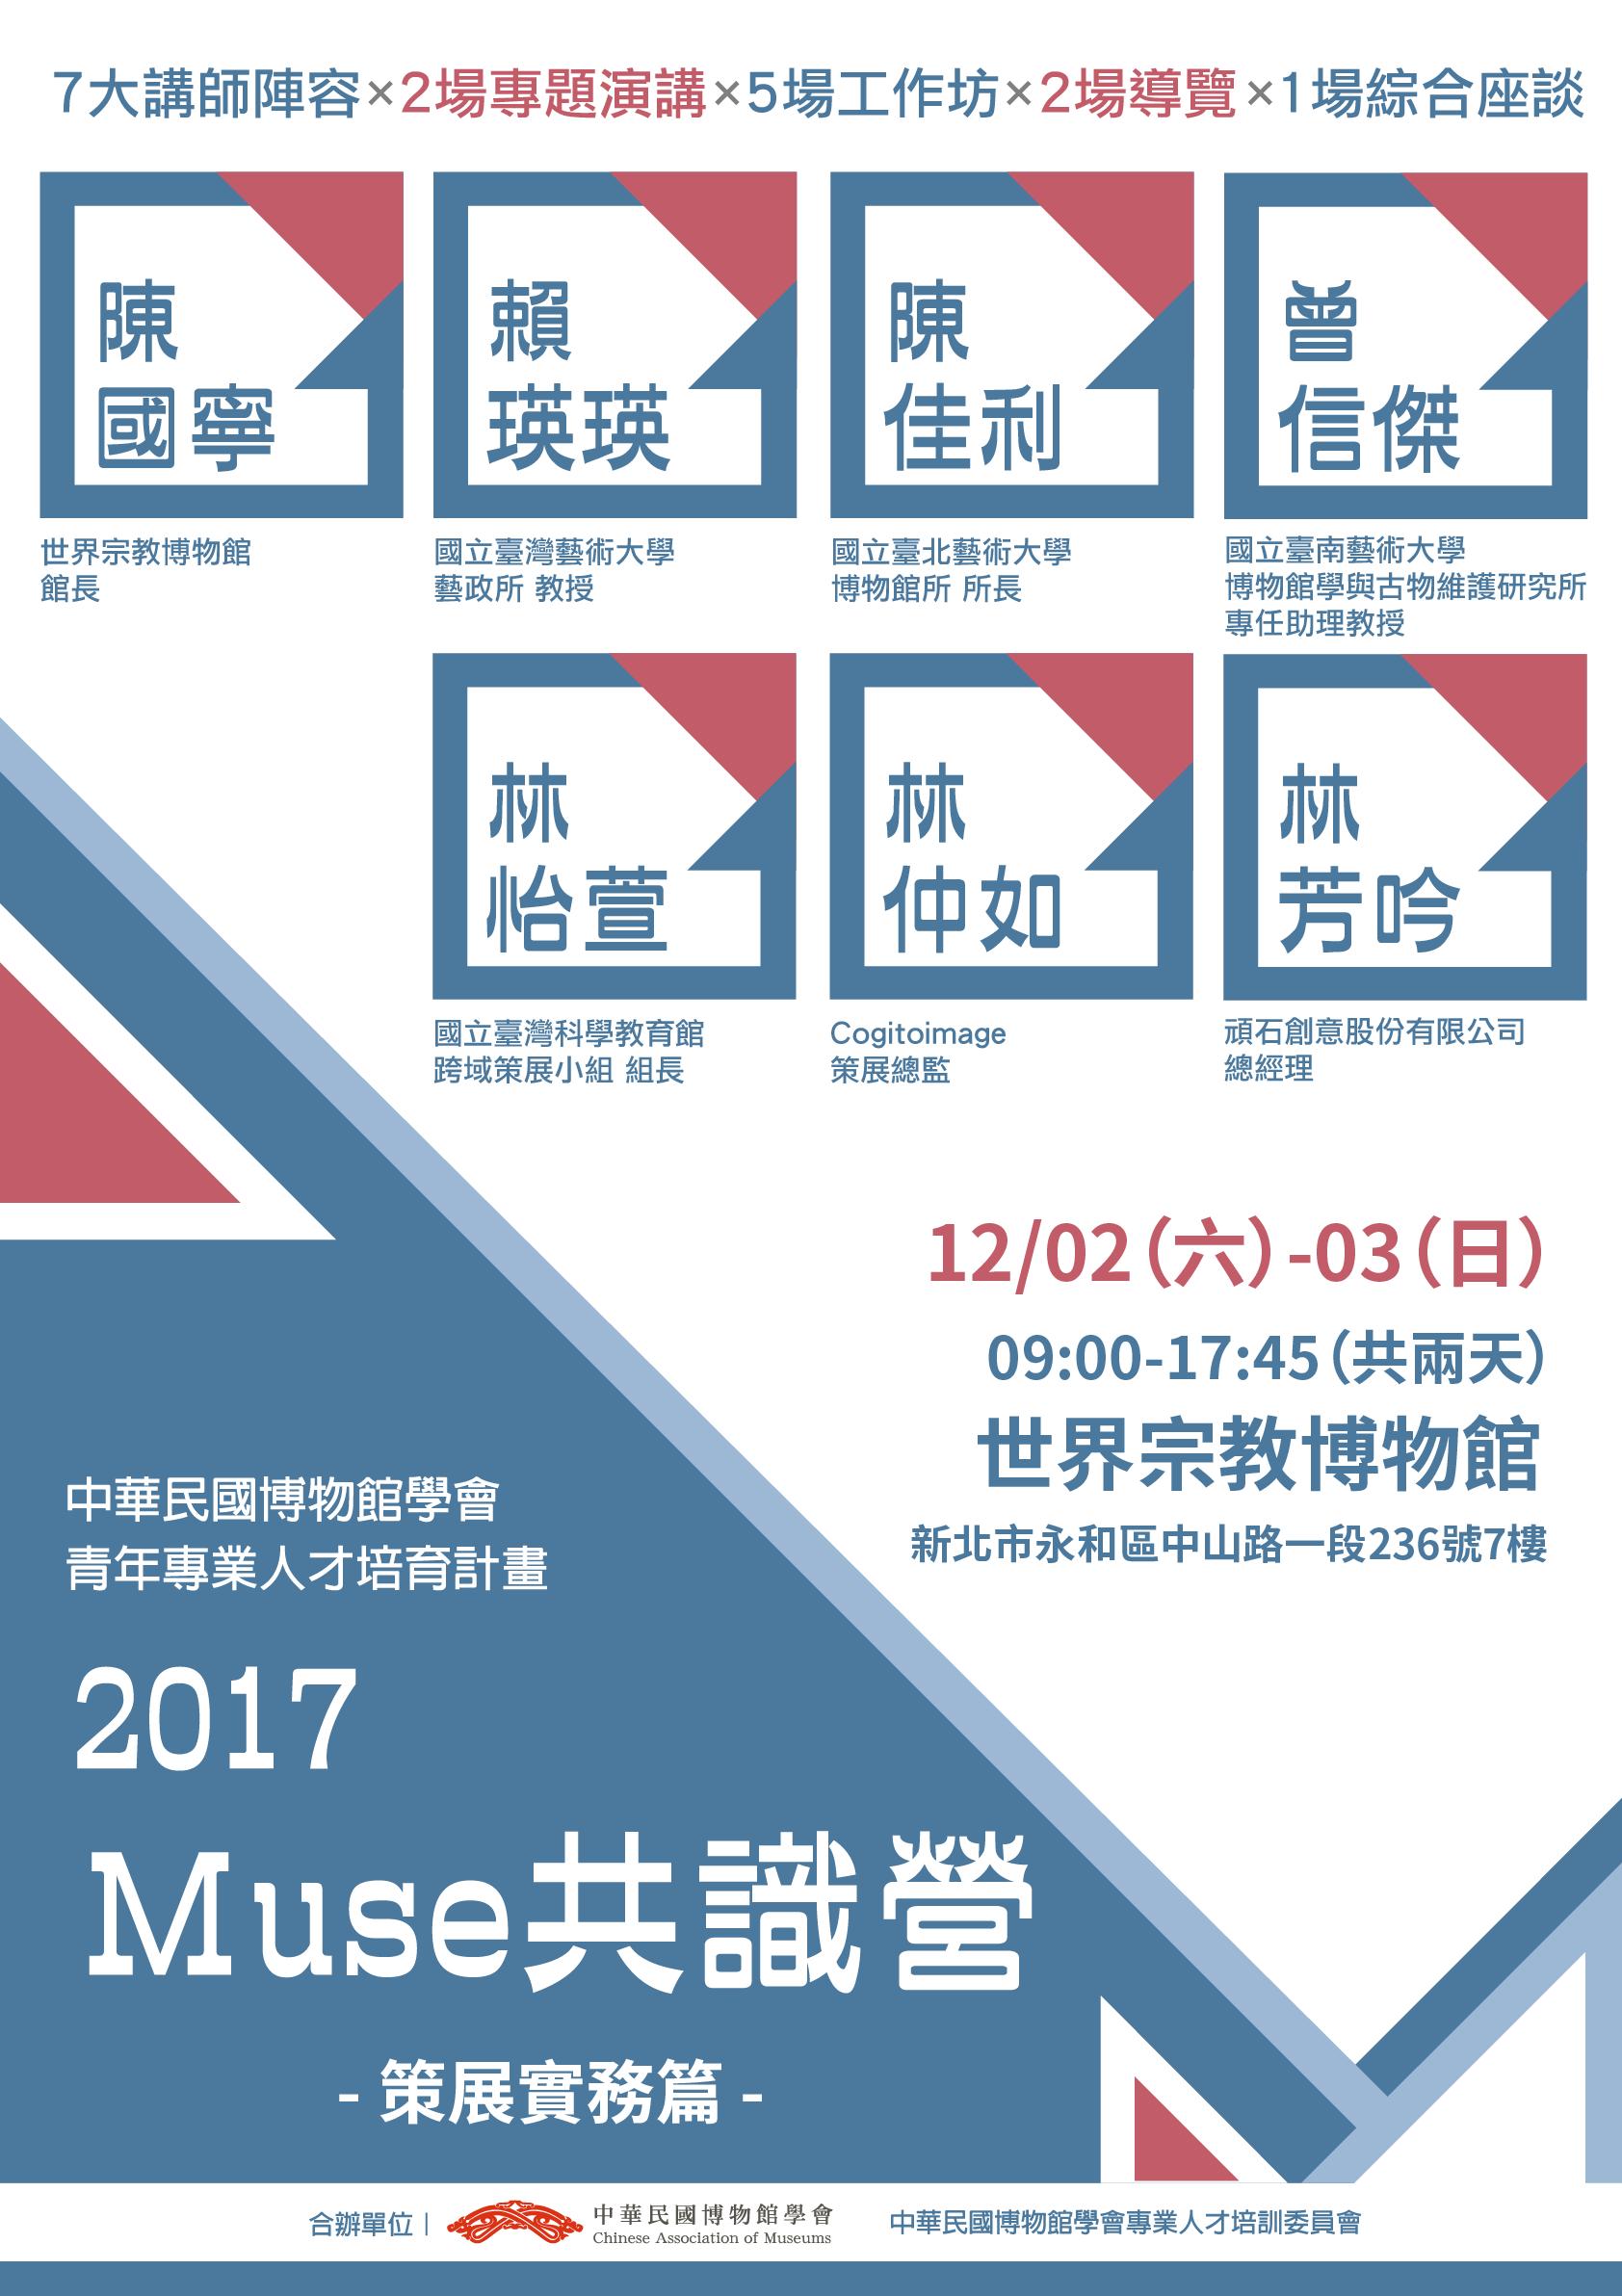 【中華民國博物館學會】2017/12/2-3[Muse共識營]策展實務篇,歡迎40歲以下博物館從業人員及相關系所學生報名參加!